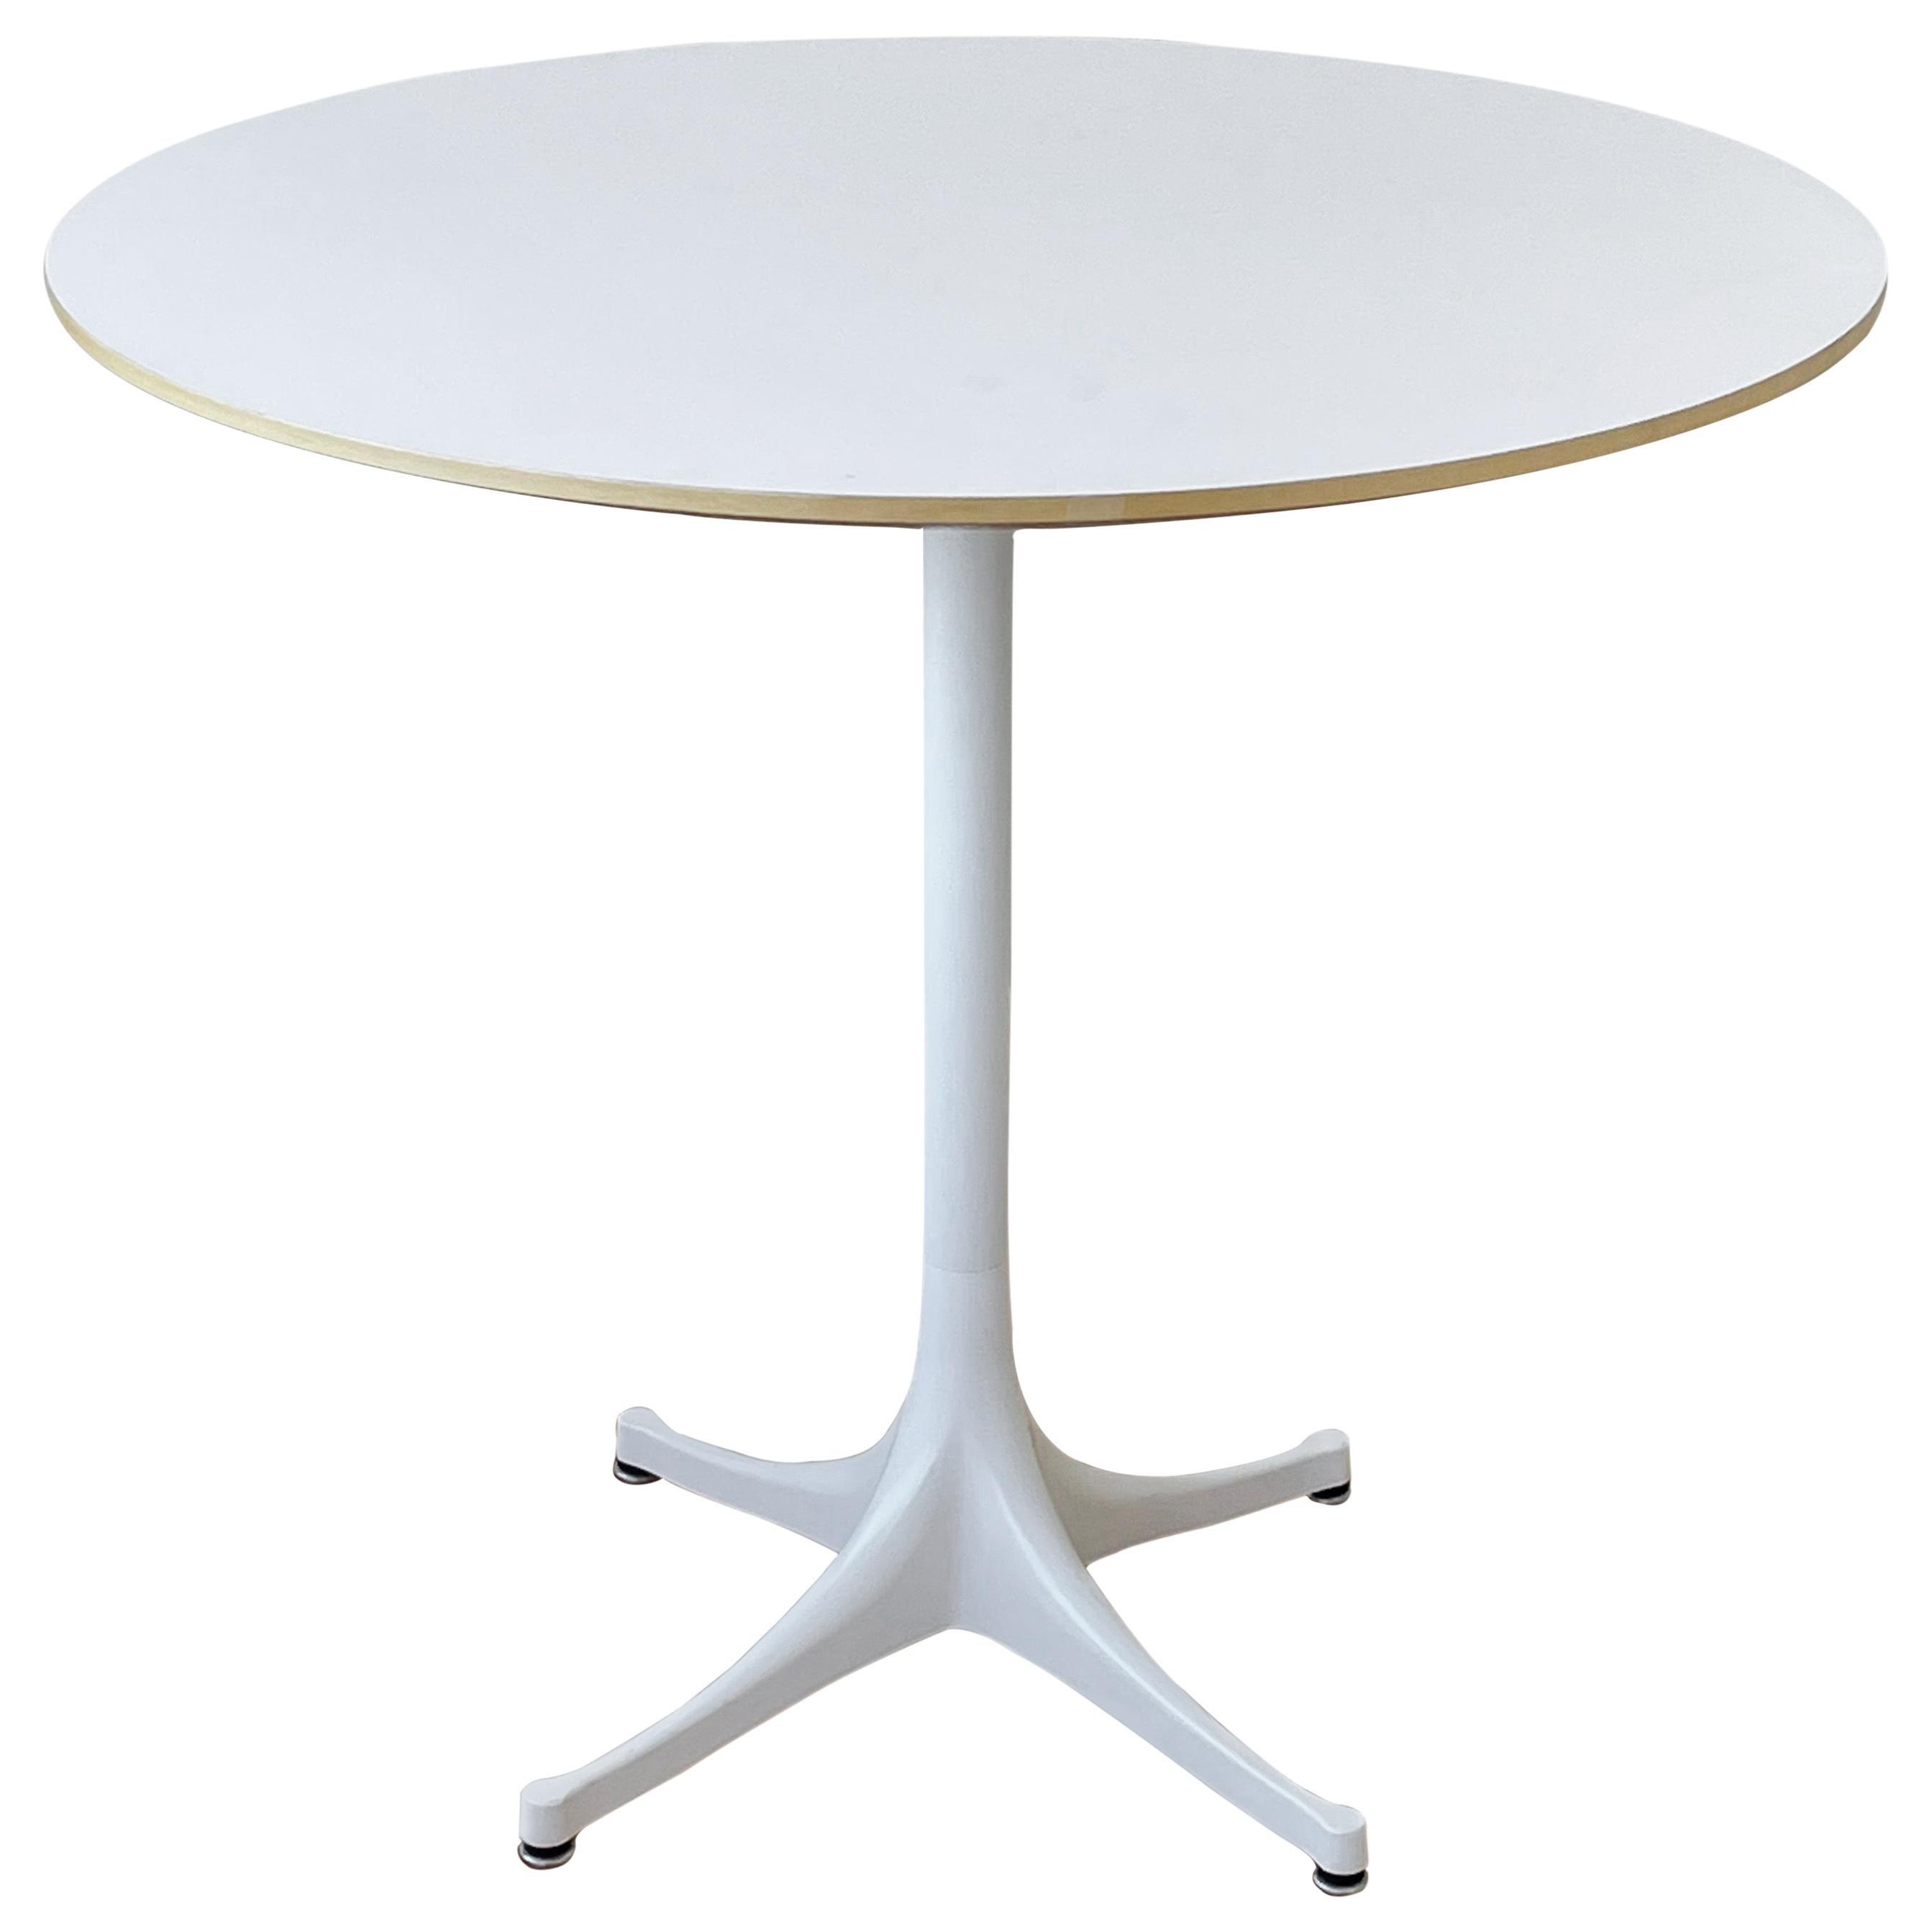 George Nelson Pedestal Table Model 5254 for Herman Miller